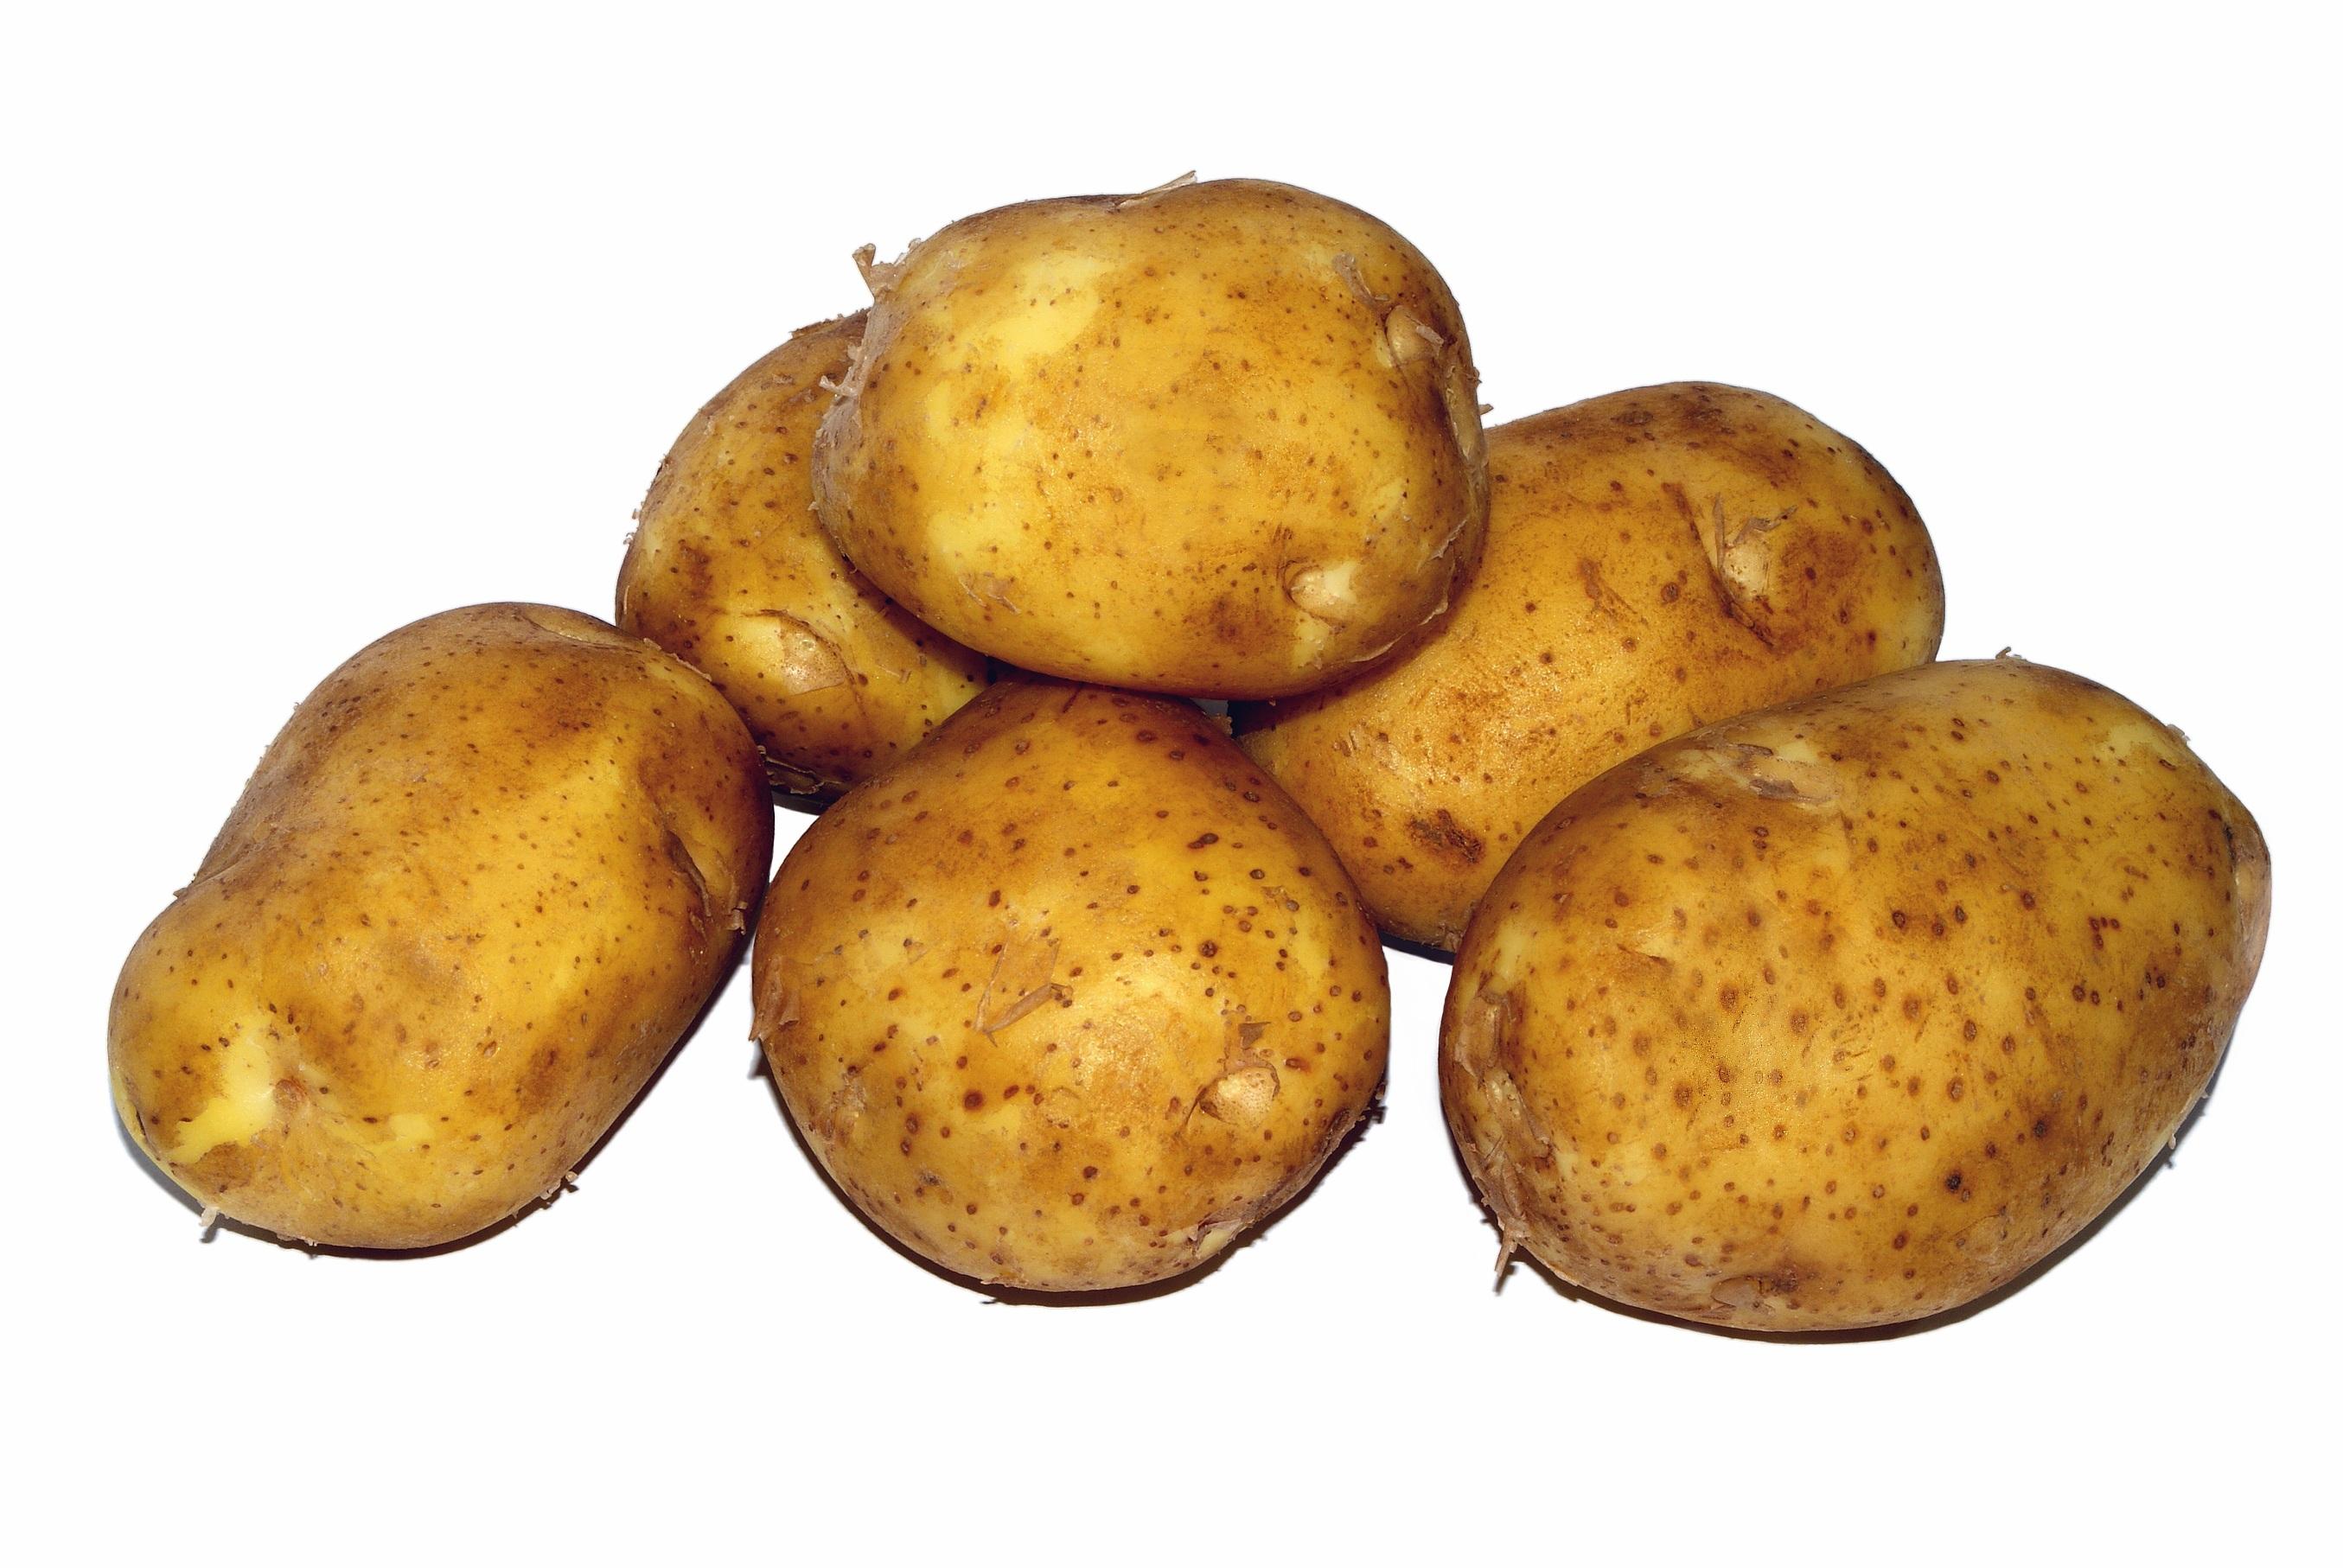 этой овощи картошка картинки как происходит